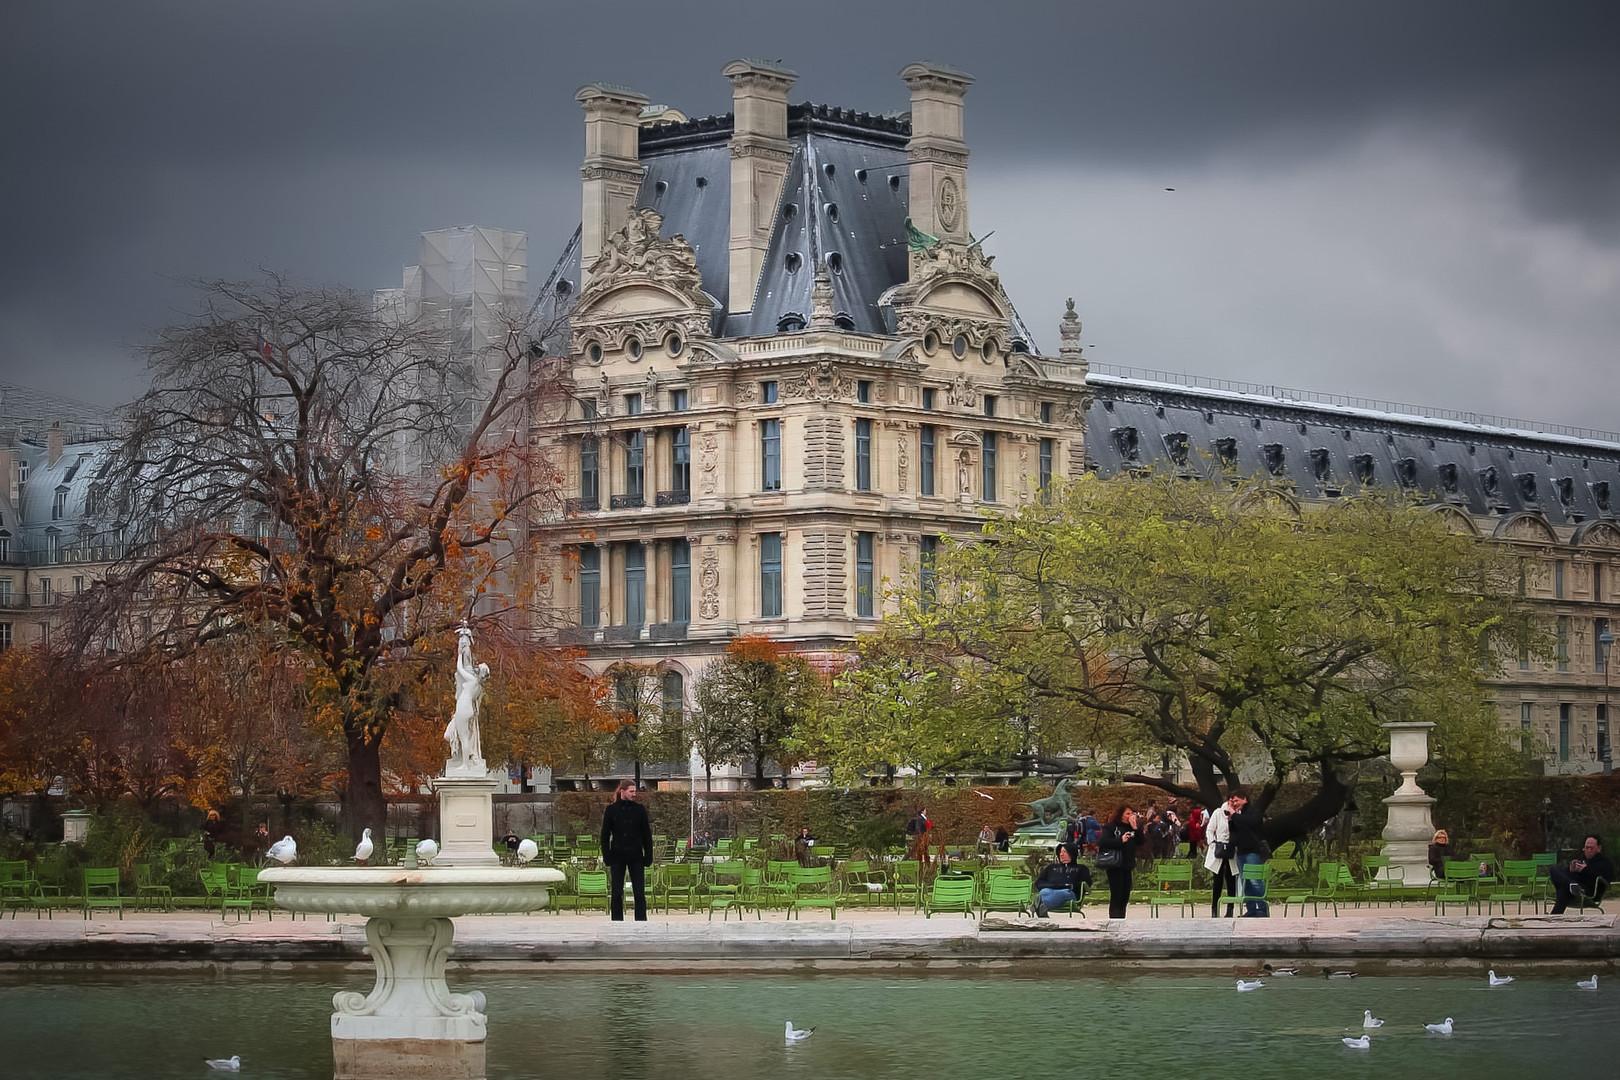 Gardens of  Tuileries - Paris